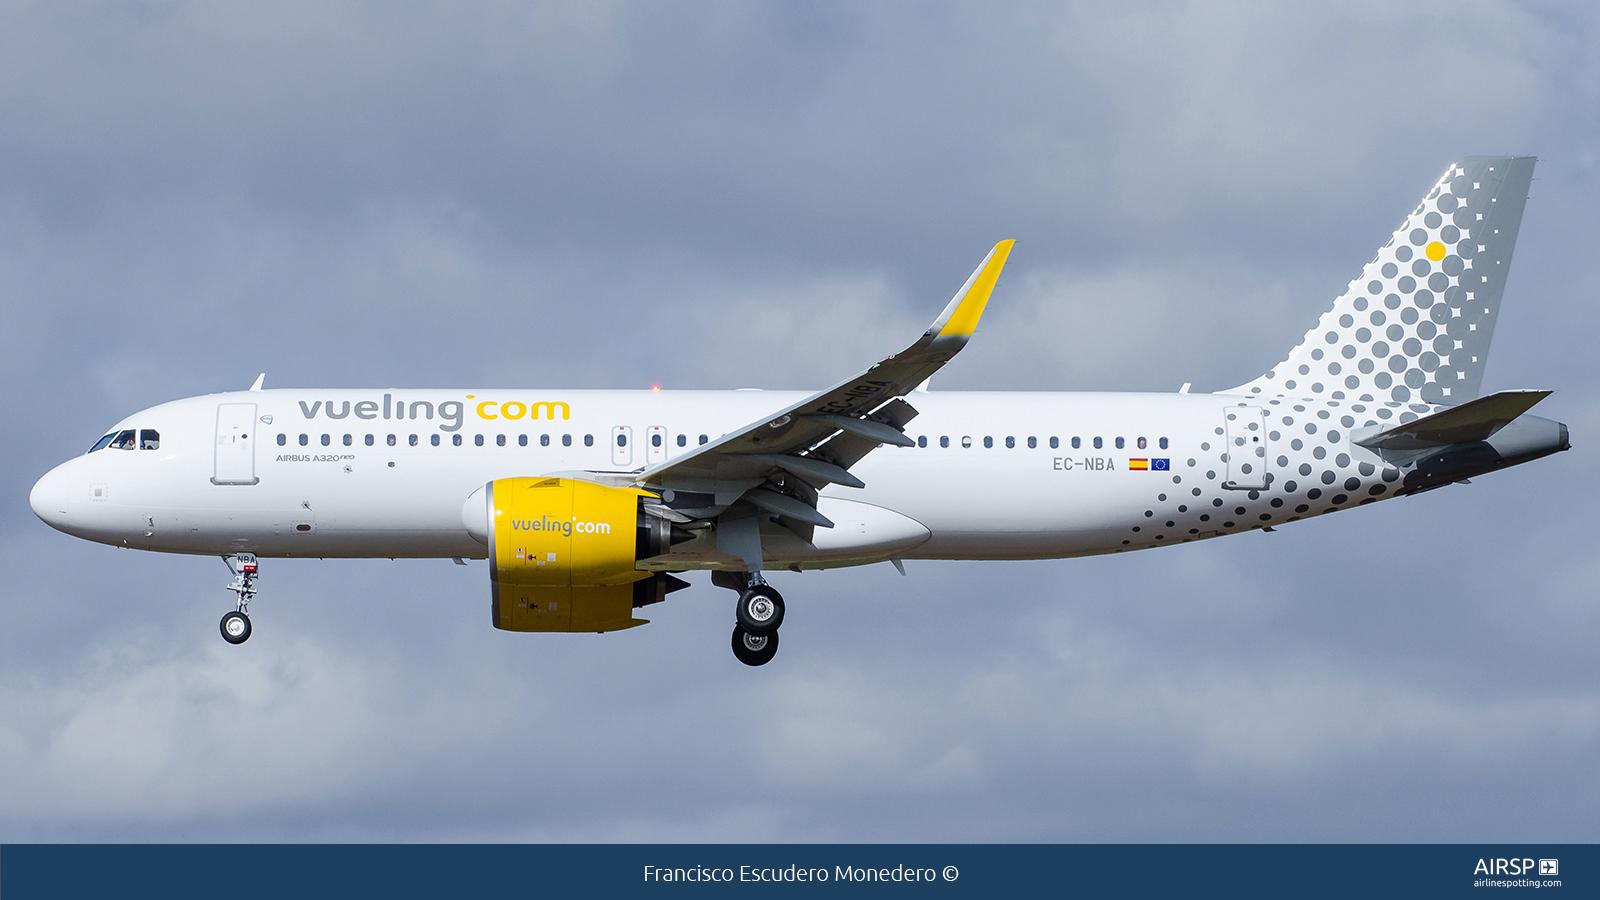 VuelingAirbus A320neoEC-NBA